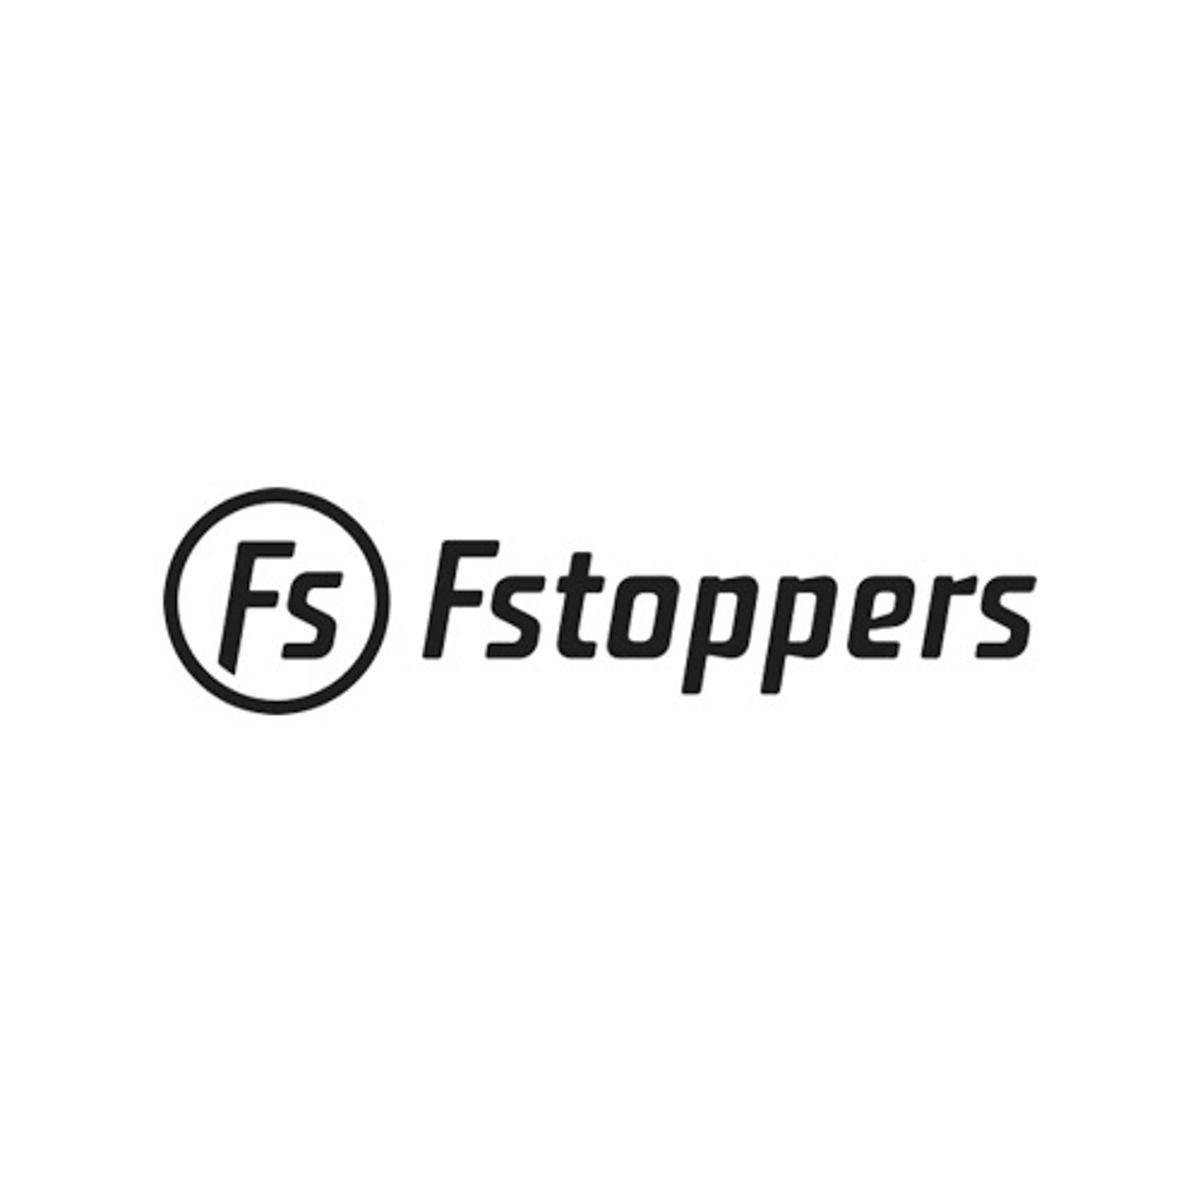 Fstoppers.jpg